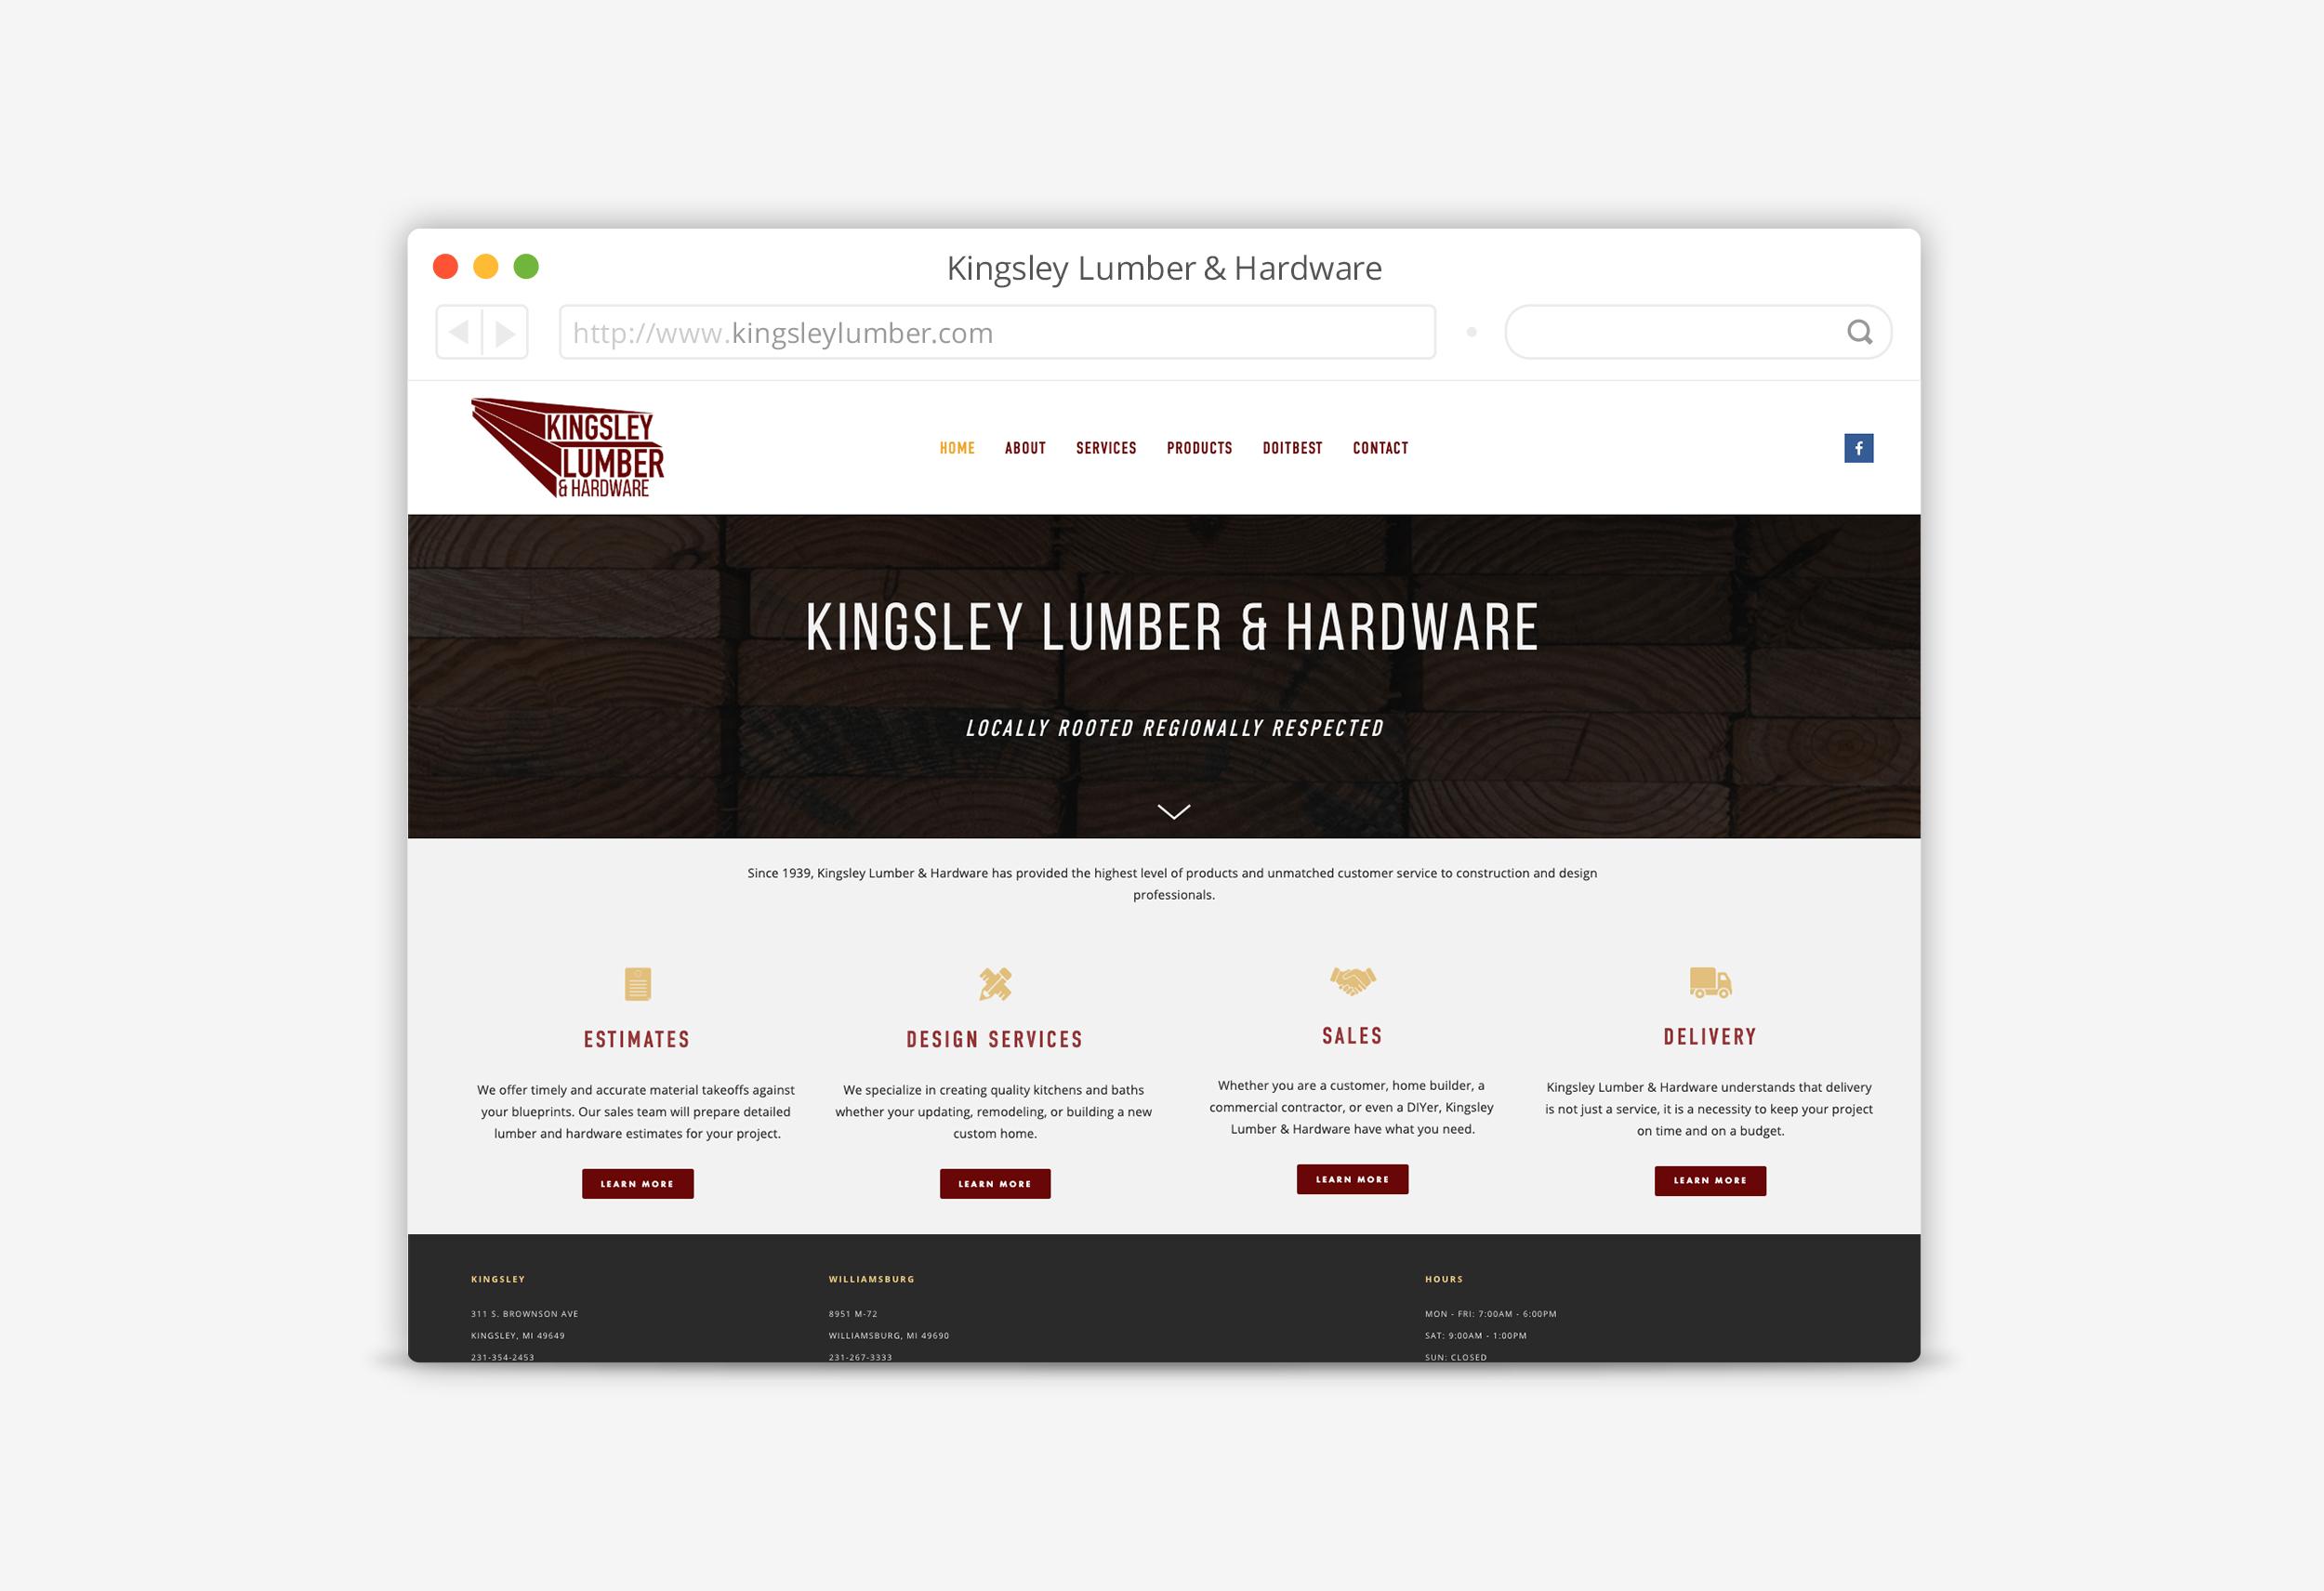 KLH-website-home.jpg